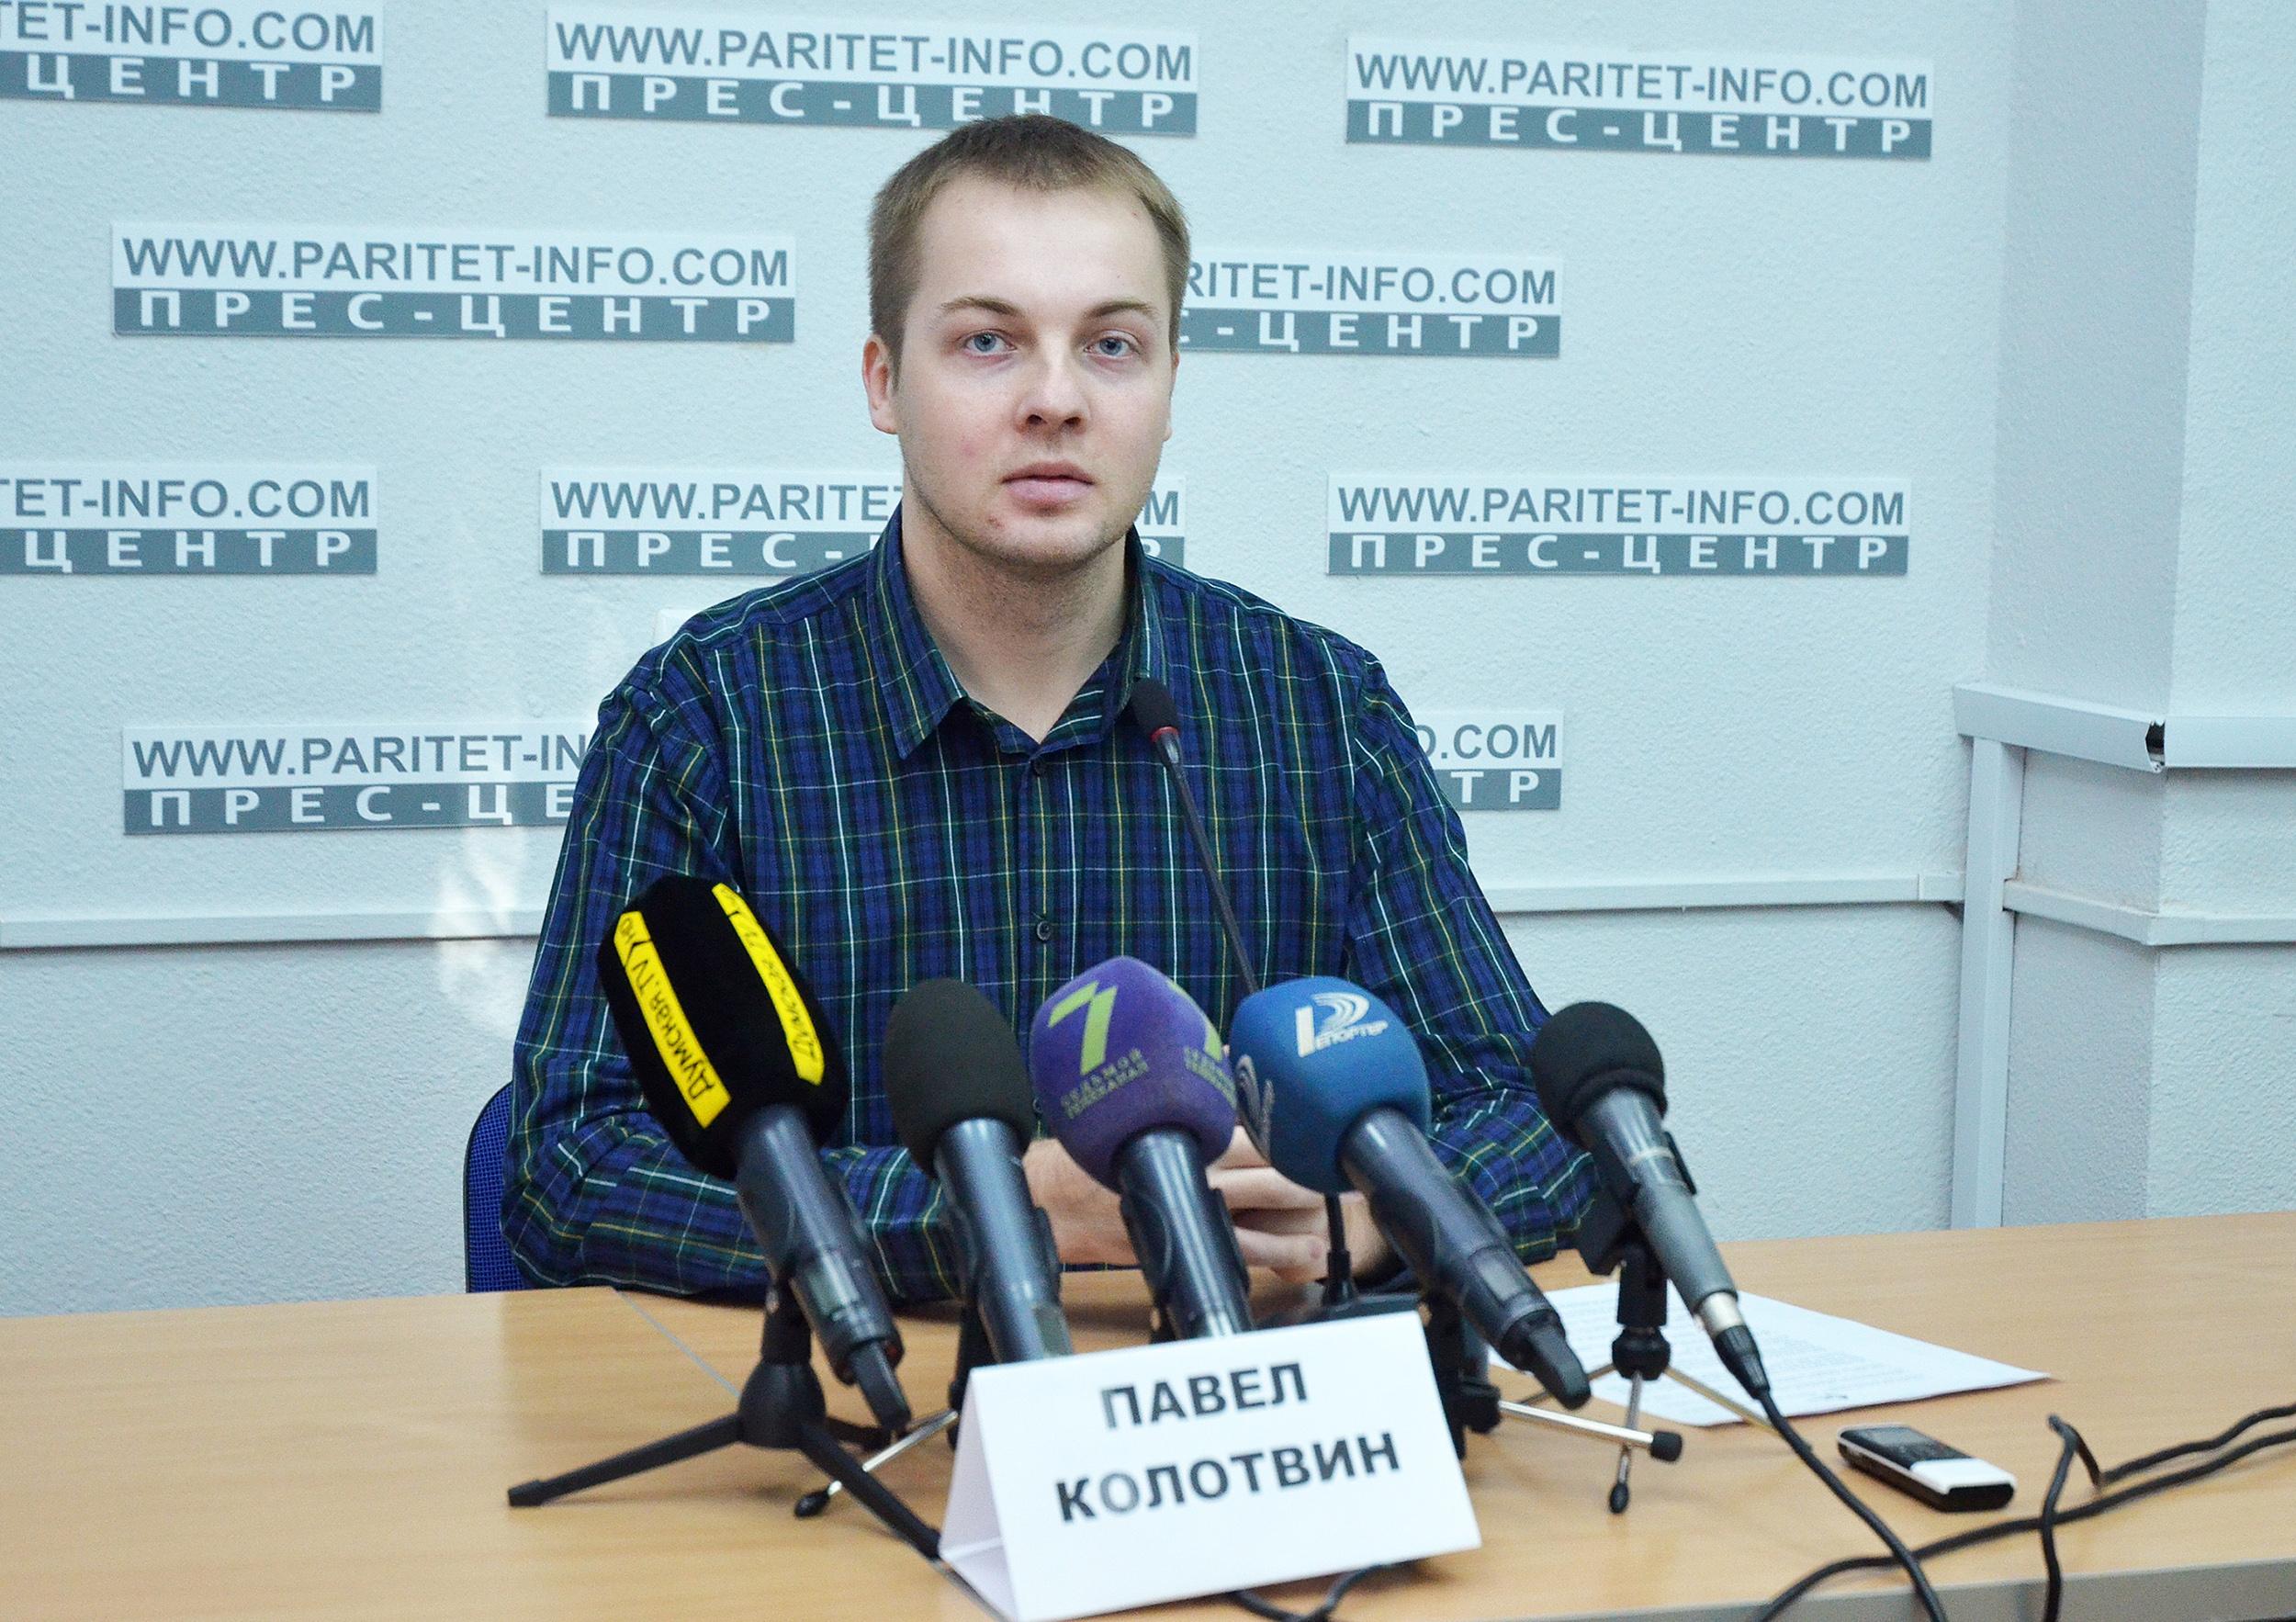 Павел Колотвин, координатор Всеукраинского движения против политической коррупции